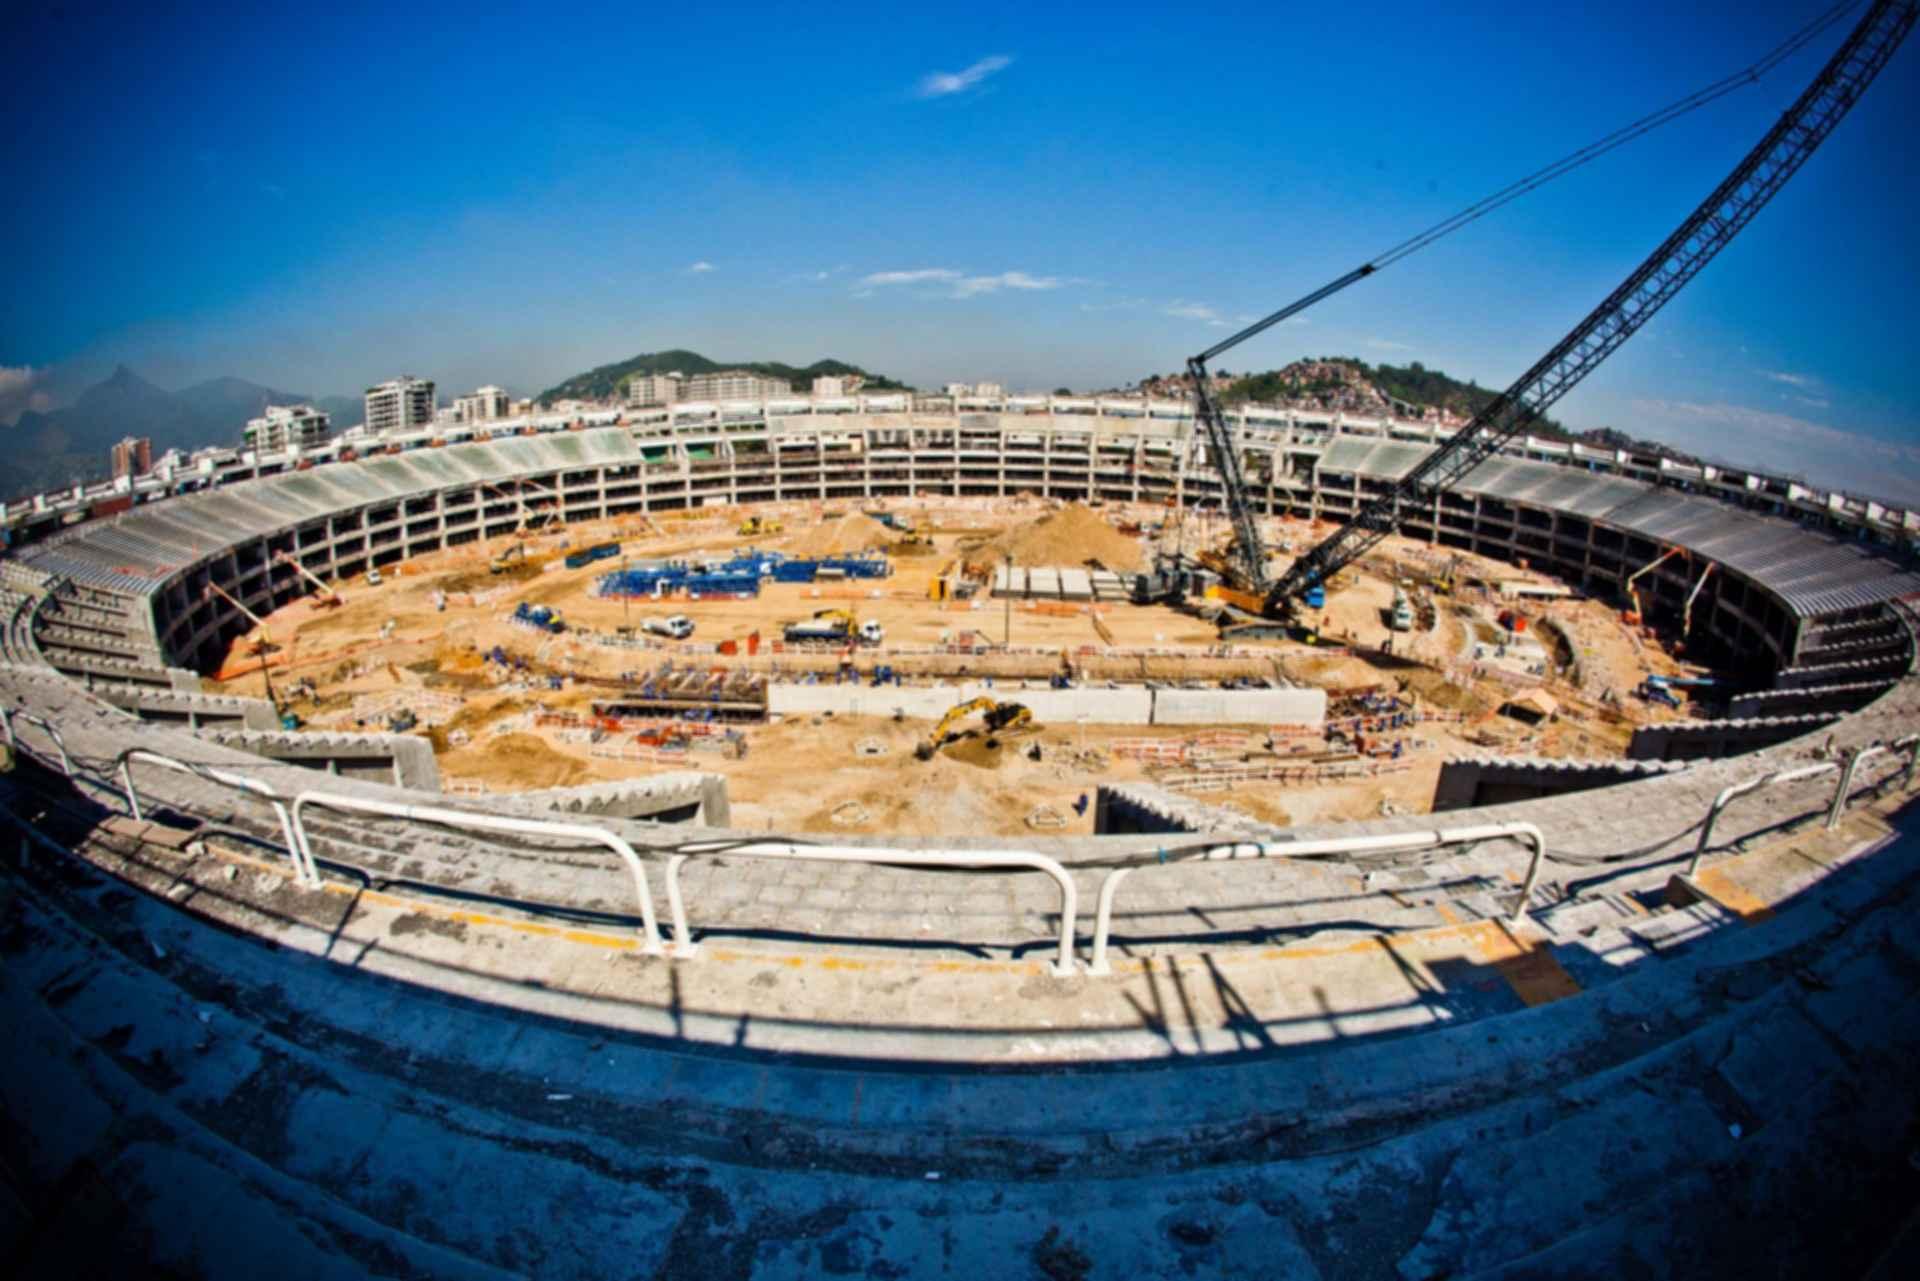 Maracana Stadium - Construction